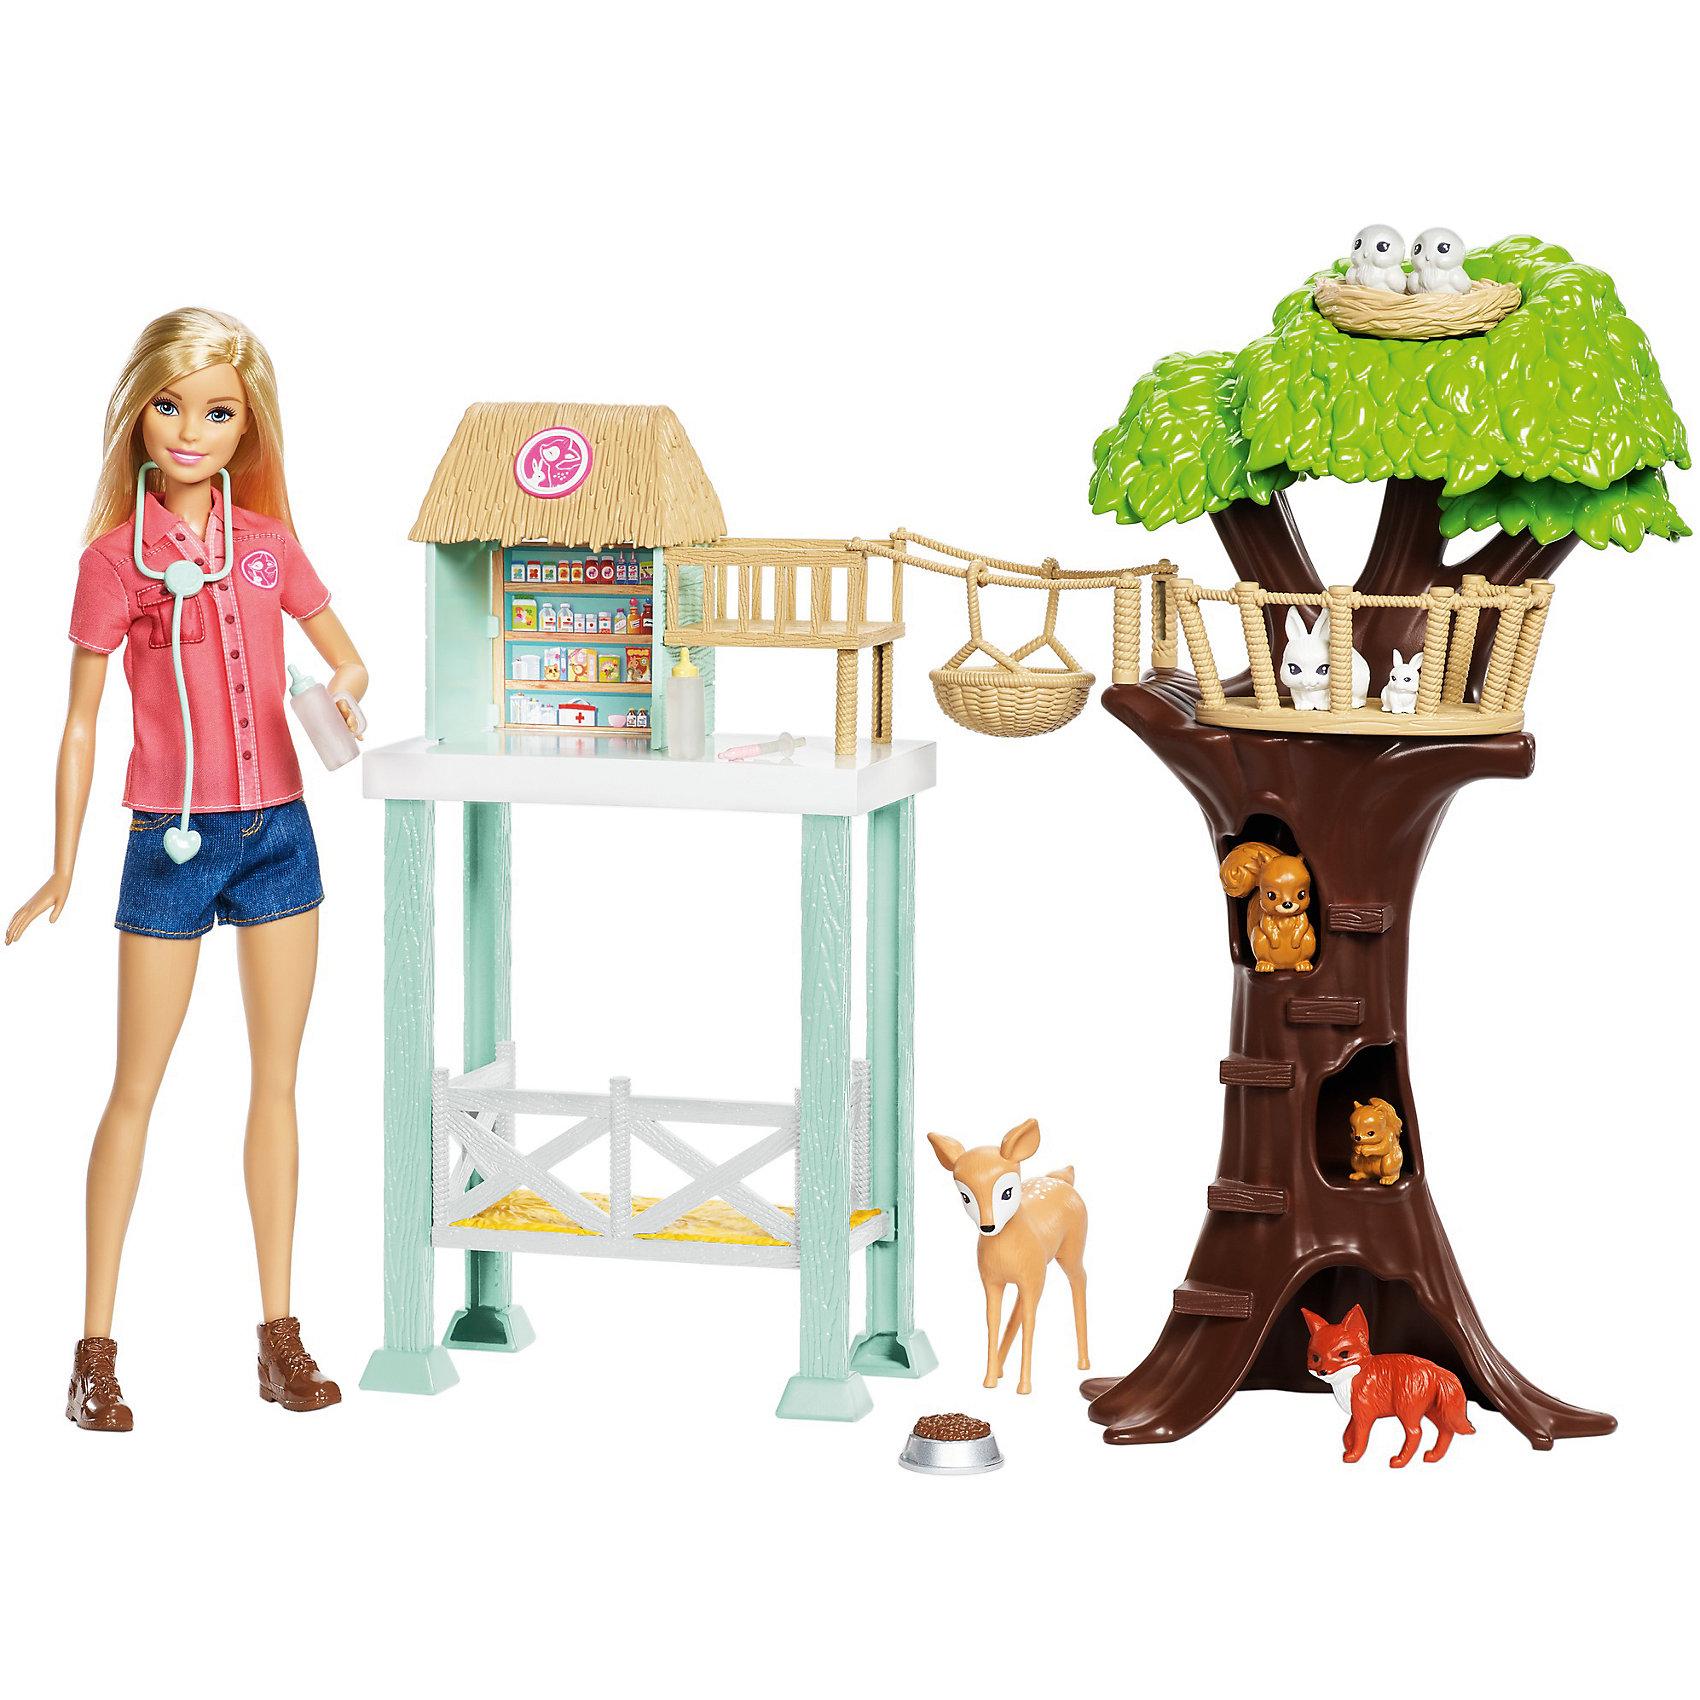 Игровой набор Barbie Спасатель животныхКуклы-модели<br>Характеристики товара:<br><br>• возраст: от 3 лет<br>• материал: пластик;<br>• высота куклы: 28-30 см;<br>• размер упаковки: 31X41X7 см;<br>• страна бренда: США<br>• страна изготовоитель: Китай<br><br>Кукла Barbie® так любит животных, и потому решила открыть приют, чтобы заботиться о них! Маленькие любители животных будут помогать восьми животным-пациентам вместе с куклой Barbie® в здании приюта. <br><br>Тебя ждут олененок, лисичка, две белки, два кролика и две совы. Дизайн двухэтажного здания приюта вдохновлен самой природой. От приюта к растущему рядом дереву ведет веревочный мост с корзинкой для перевозки животных. <br><br>На дереве есть множество мест, где маленькие зверьки могут отдохнуть: гнездо на верхушке дерева, дупла и площадки между ветвями. Barbie® надела рубашку с рукавами, джинсовые шорты и ботинки и готова принимать пациентов. Стетоскоп, две бутылочки и миска для еды помогут в заботе о животных.<br><br>Игровой набор Barbie Спасатель животных можно купить в нашем интернет-магазине.<br><br>Ширина мм: 396<br>Глубина мм: 330<br>Высота мм: 88<br>Вес г: 782<br>Возраст от месяцев: 36<br>Возраст до месяцев: 72<br>Пол: Женский<br>Возраст: Детский<br>SKU: 6739672